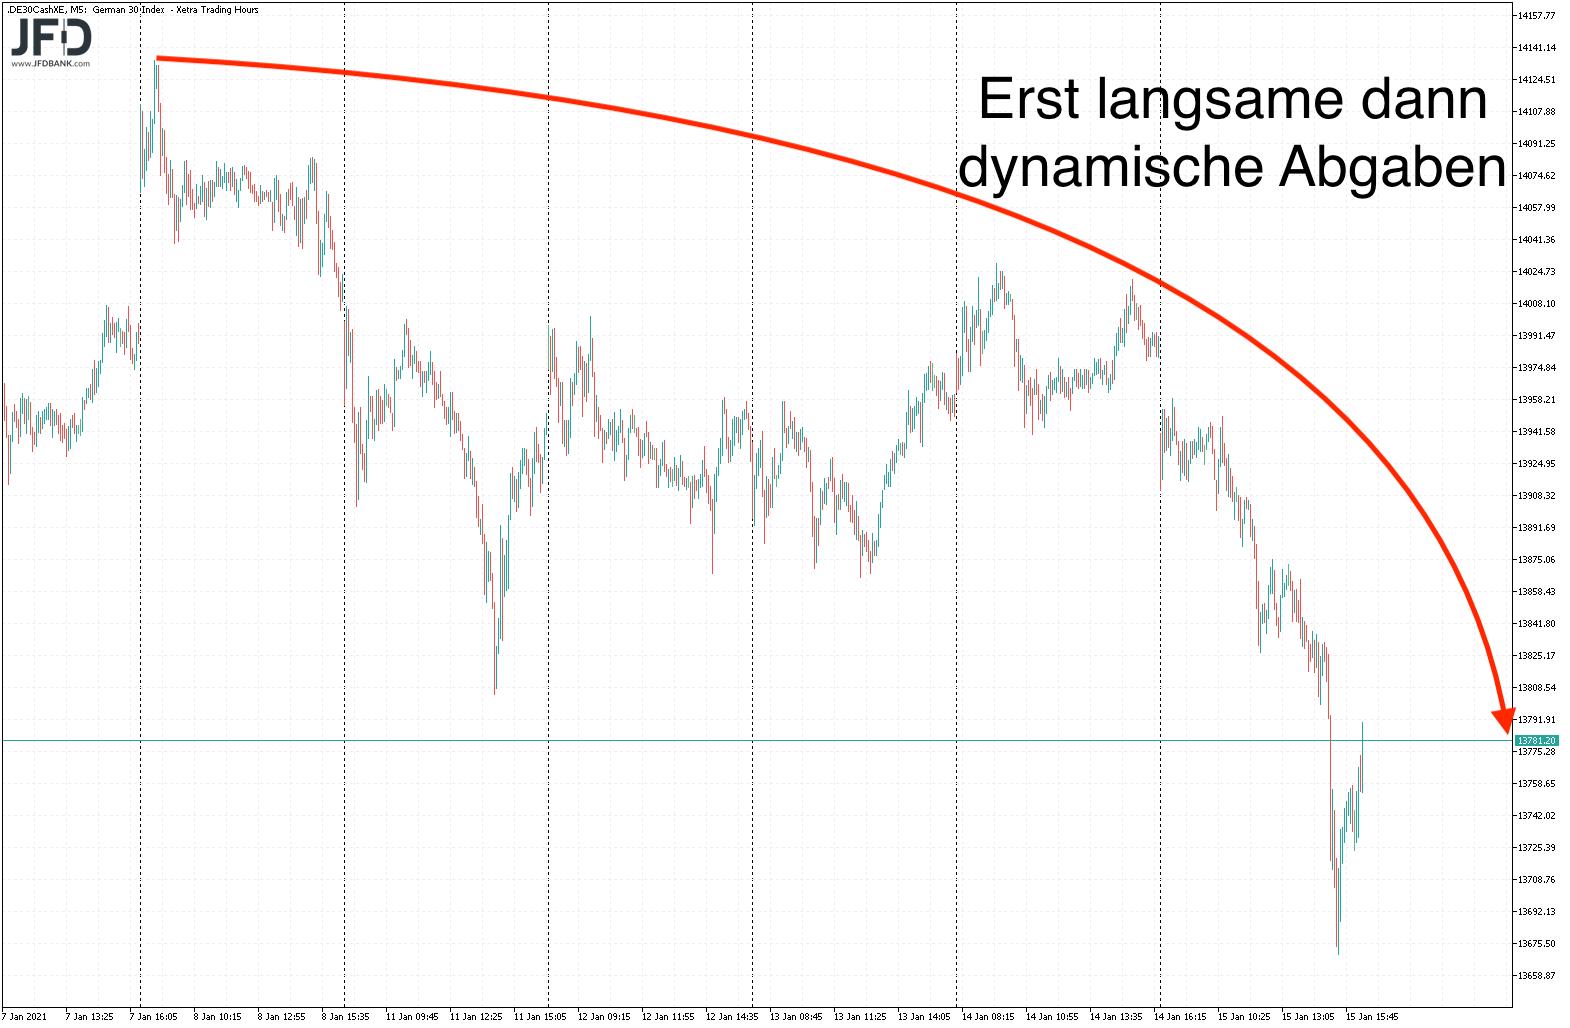 Ruhiger-DAX-Start-in-die-neue-Handelswoche-Kommentar-JFD-Bank-GodmodeTrader.de-1